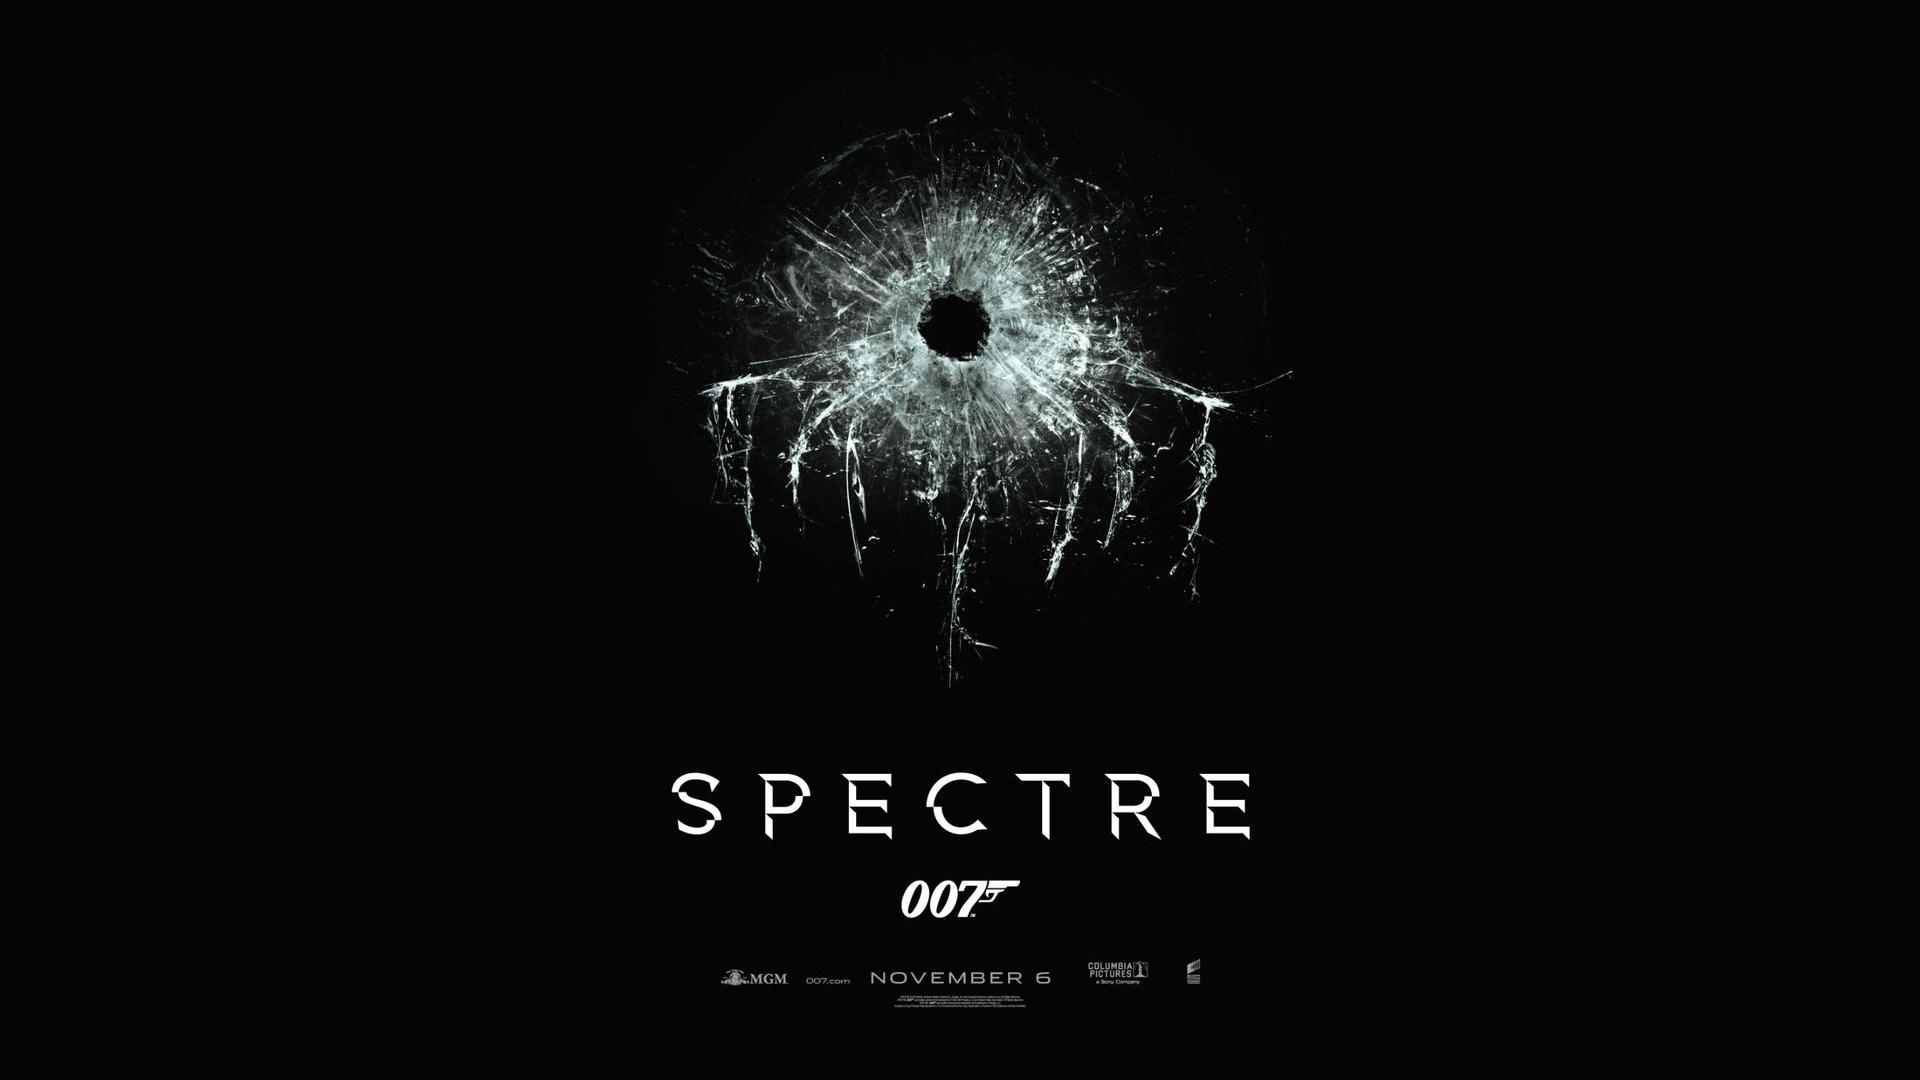 Spectre 007 Wallpaper 47074 1920x1080 px ~ HDWallSource.com